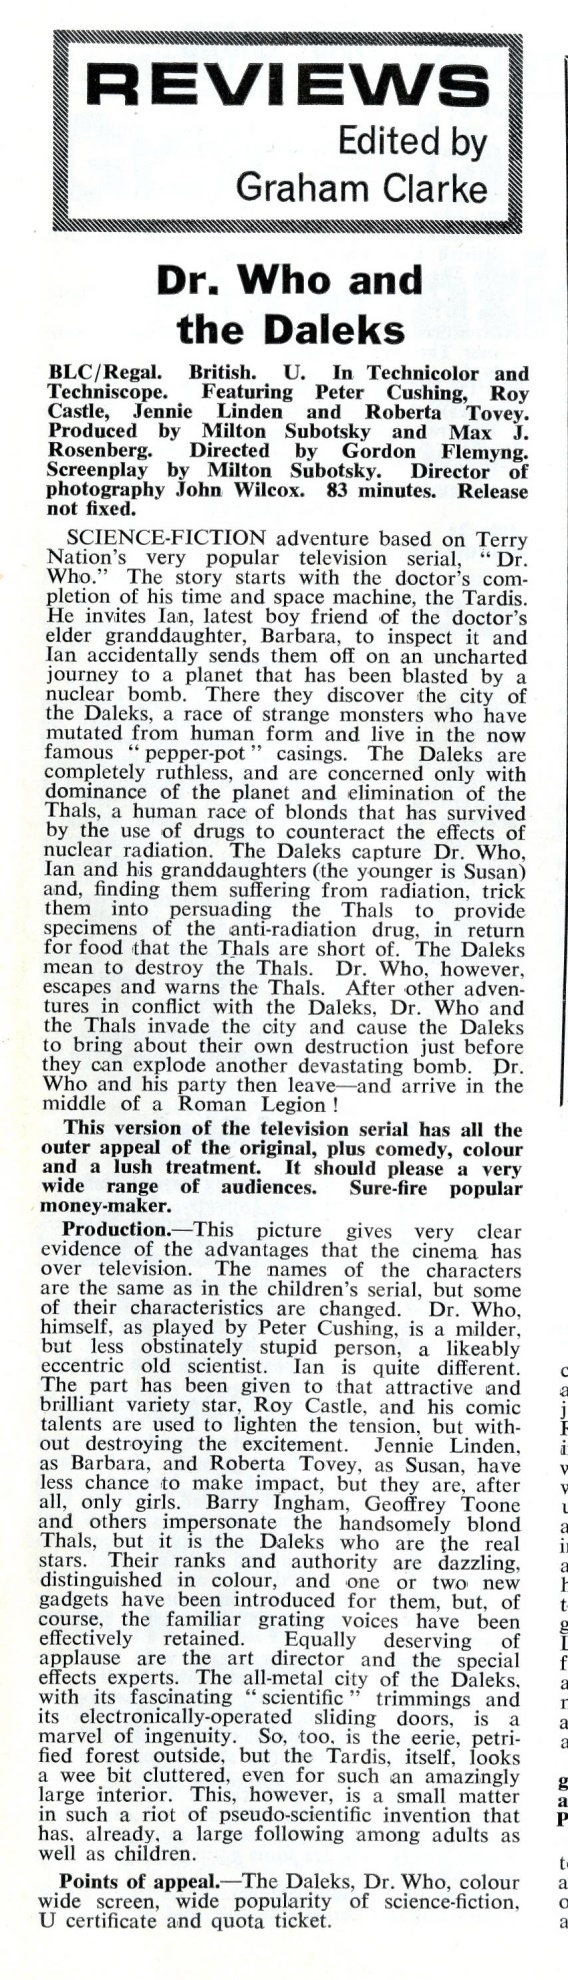 Kine Weekly, 24 June 1965